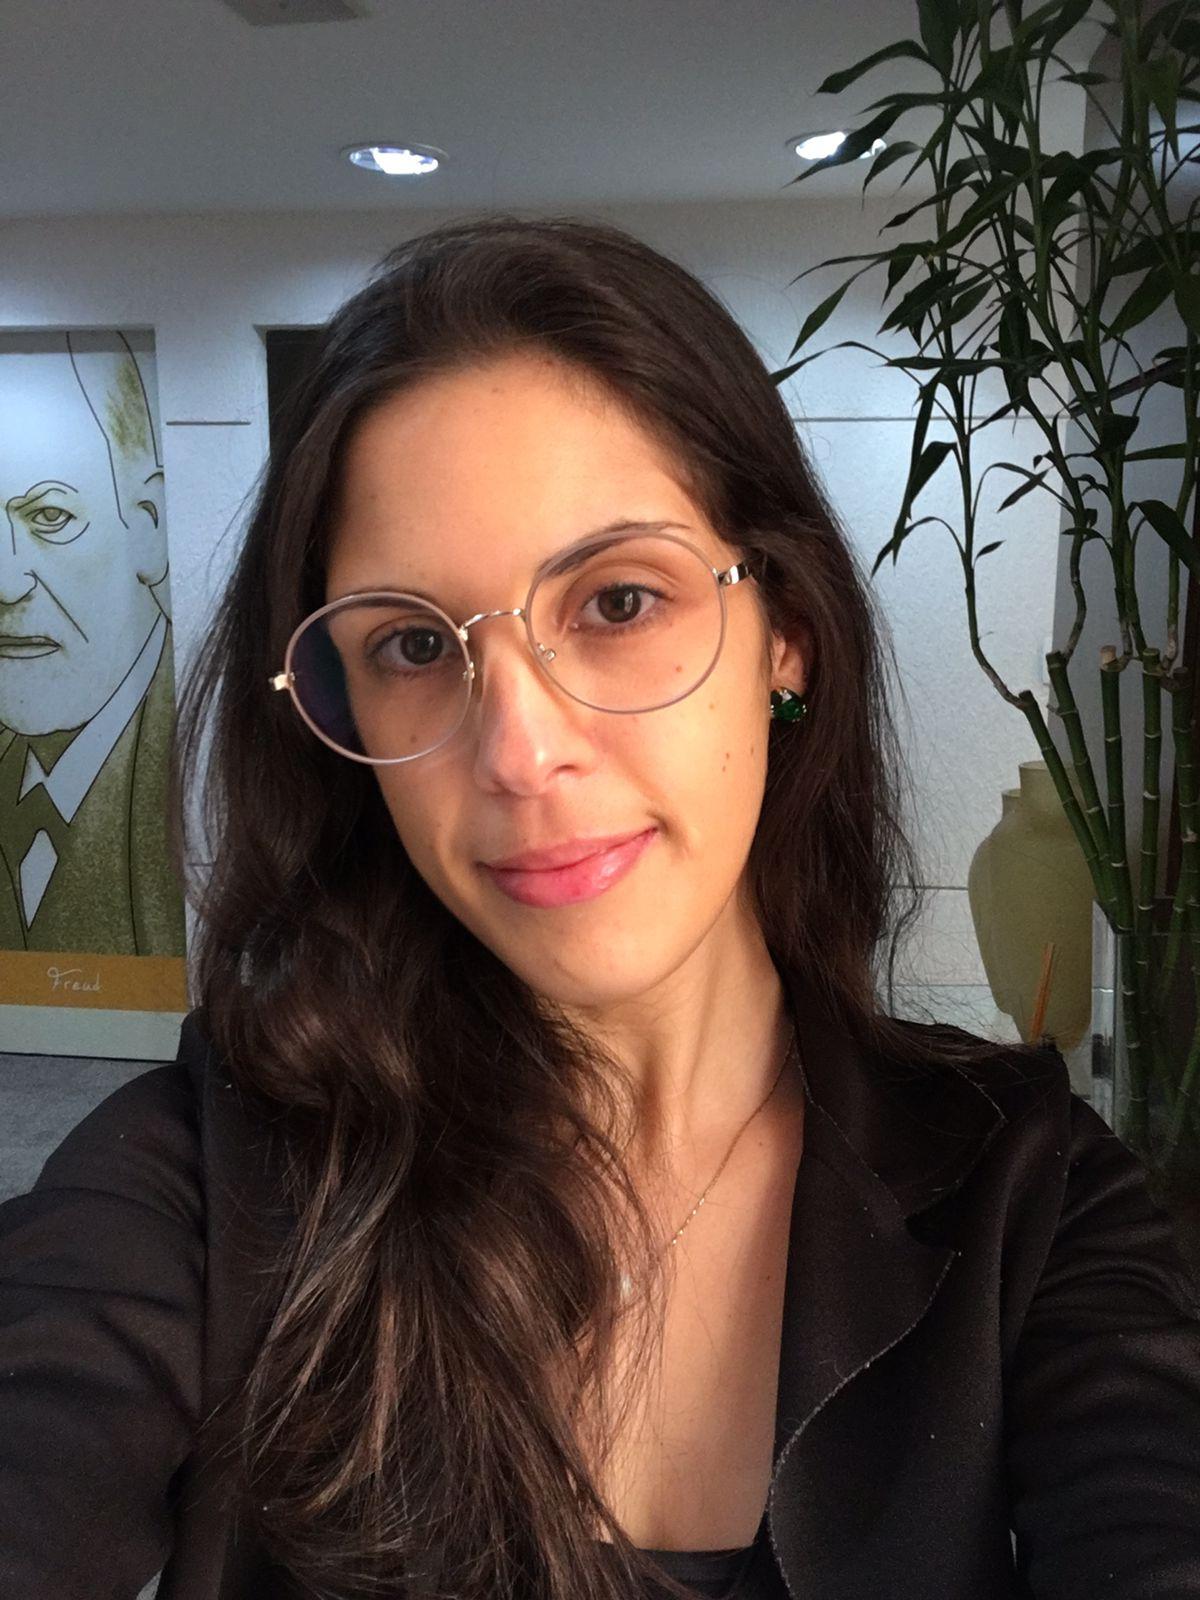 Marilia usa óculos de grau, olha para frente e sorri